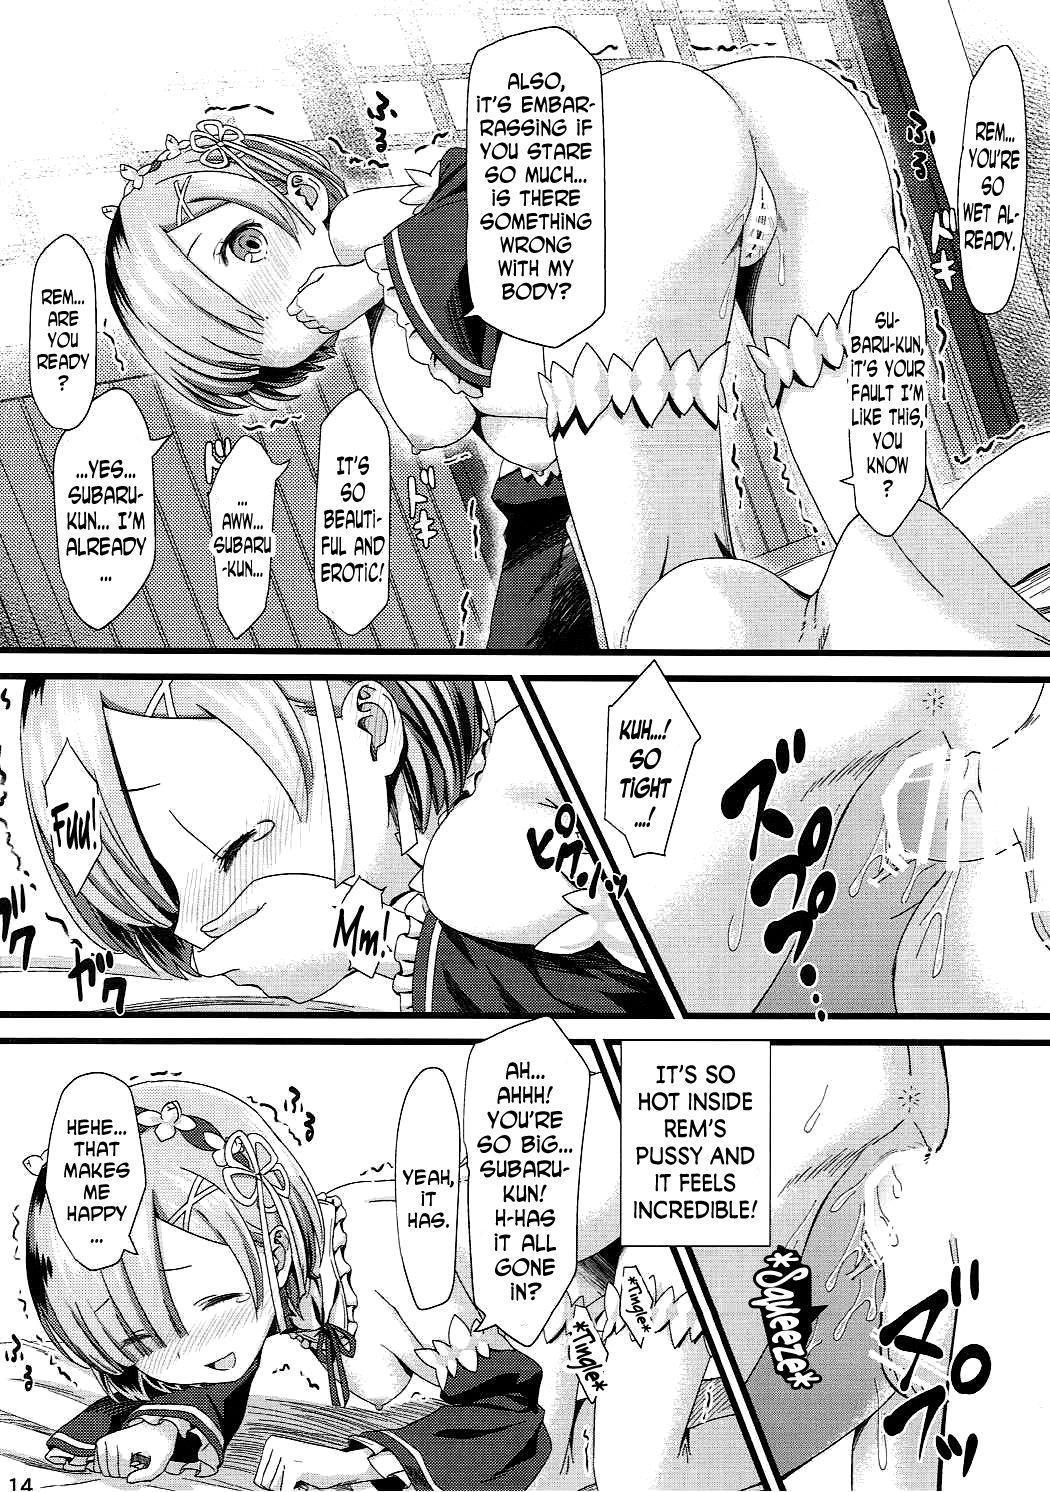 Re: Zero kara Hajimeru Isekai Icha Love Kekkon Seikatsu 12